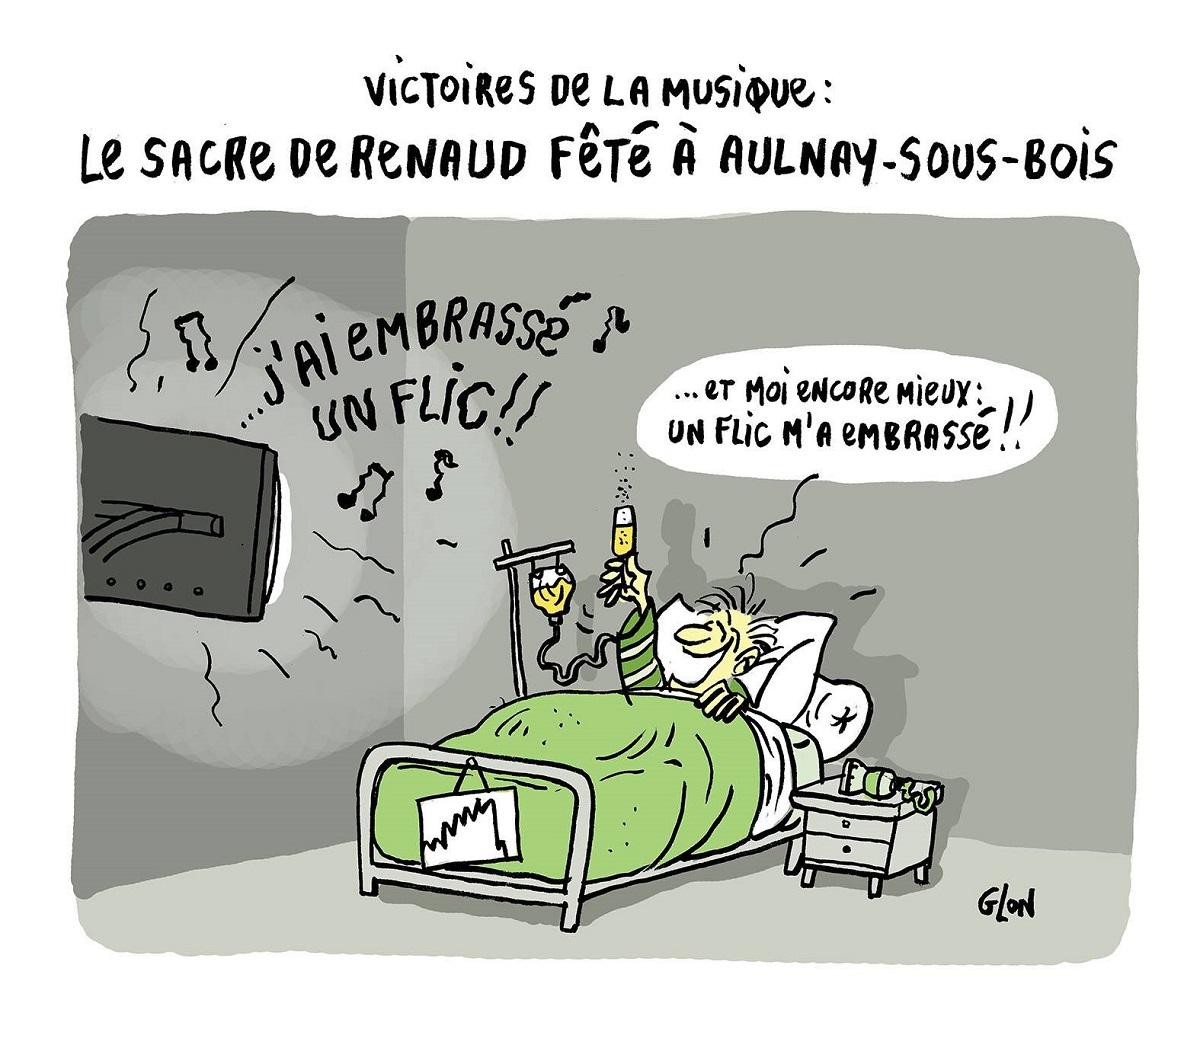 dessin humoristique d'un homme qui fête la victoire de Renaud à l'hôpital